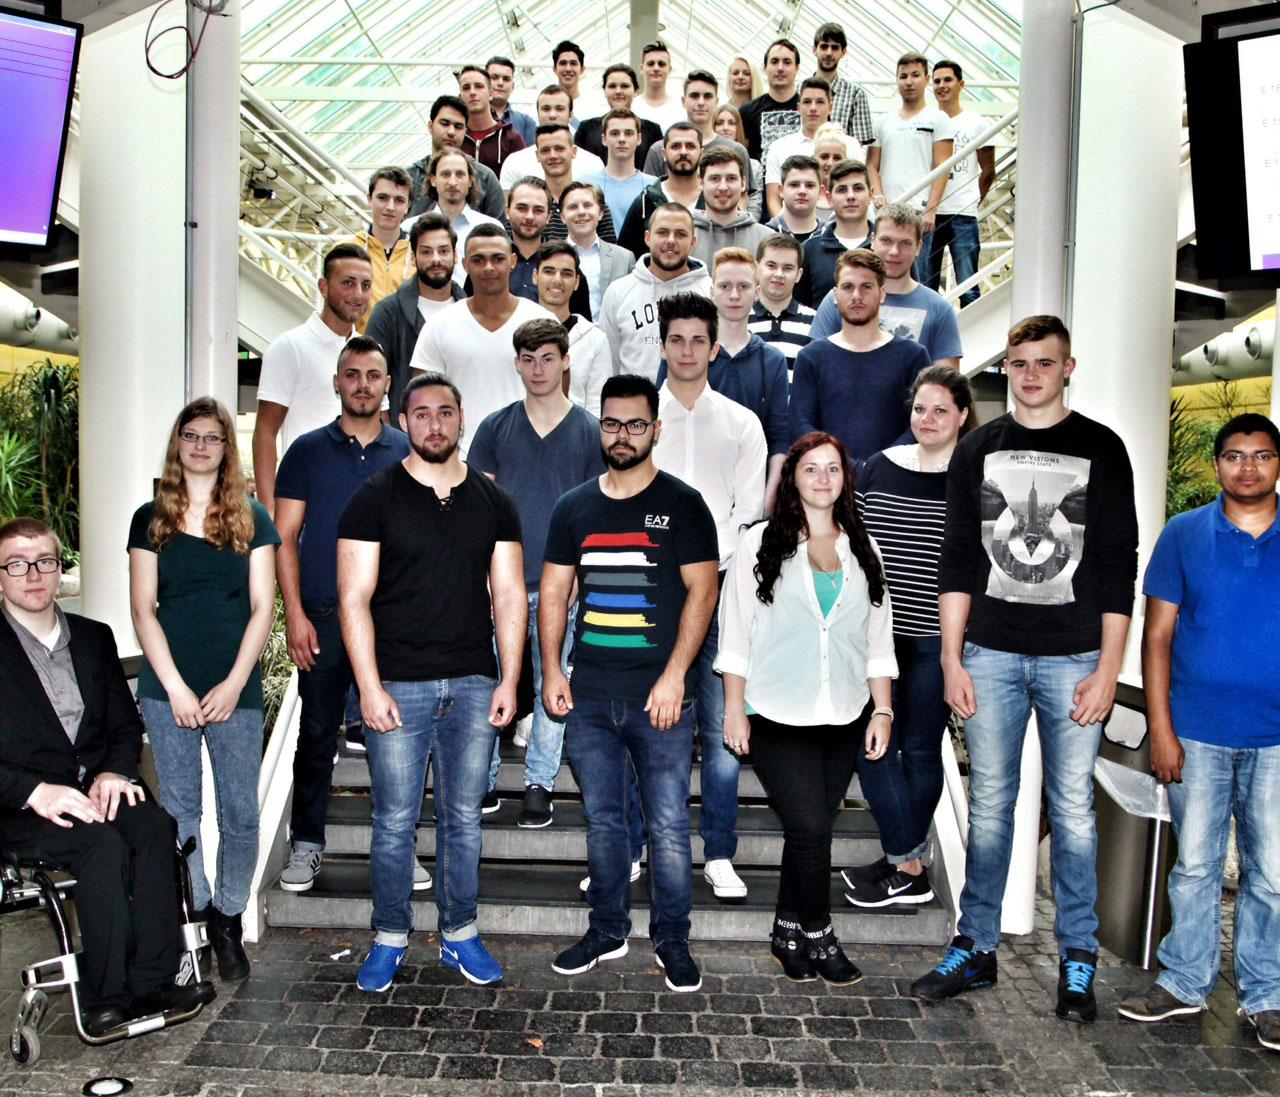 Die neuen Azubis, die 2015 ihre Ausbildung bei der KVB begonnen haben.